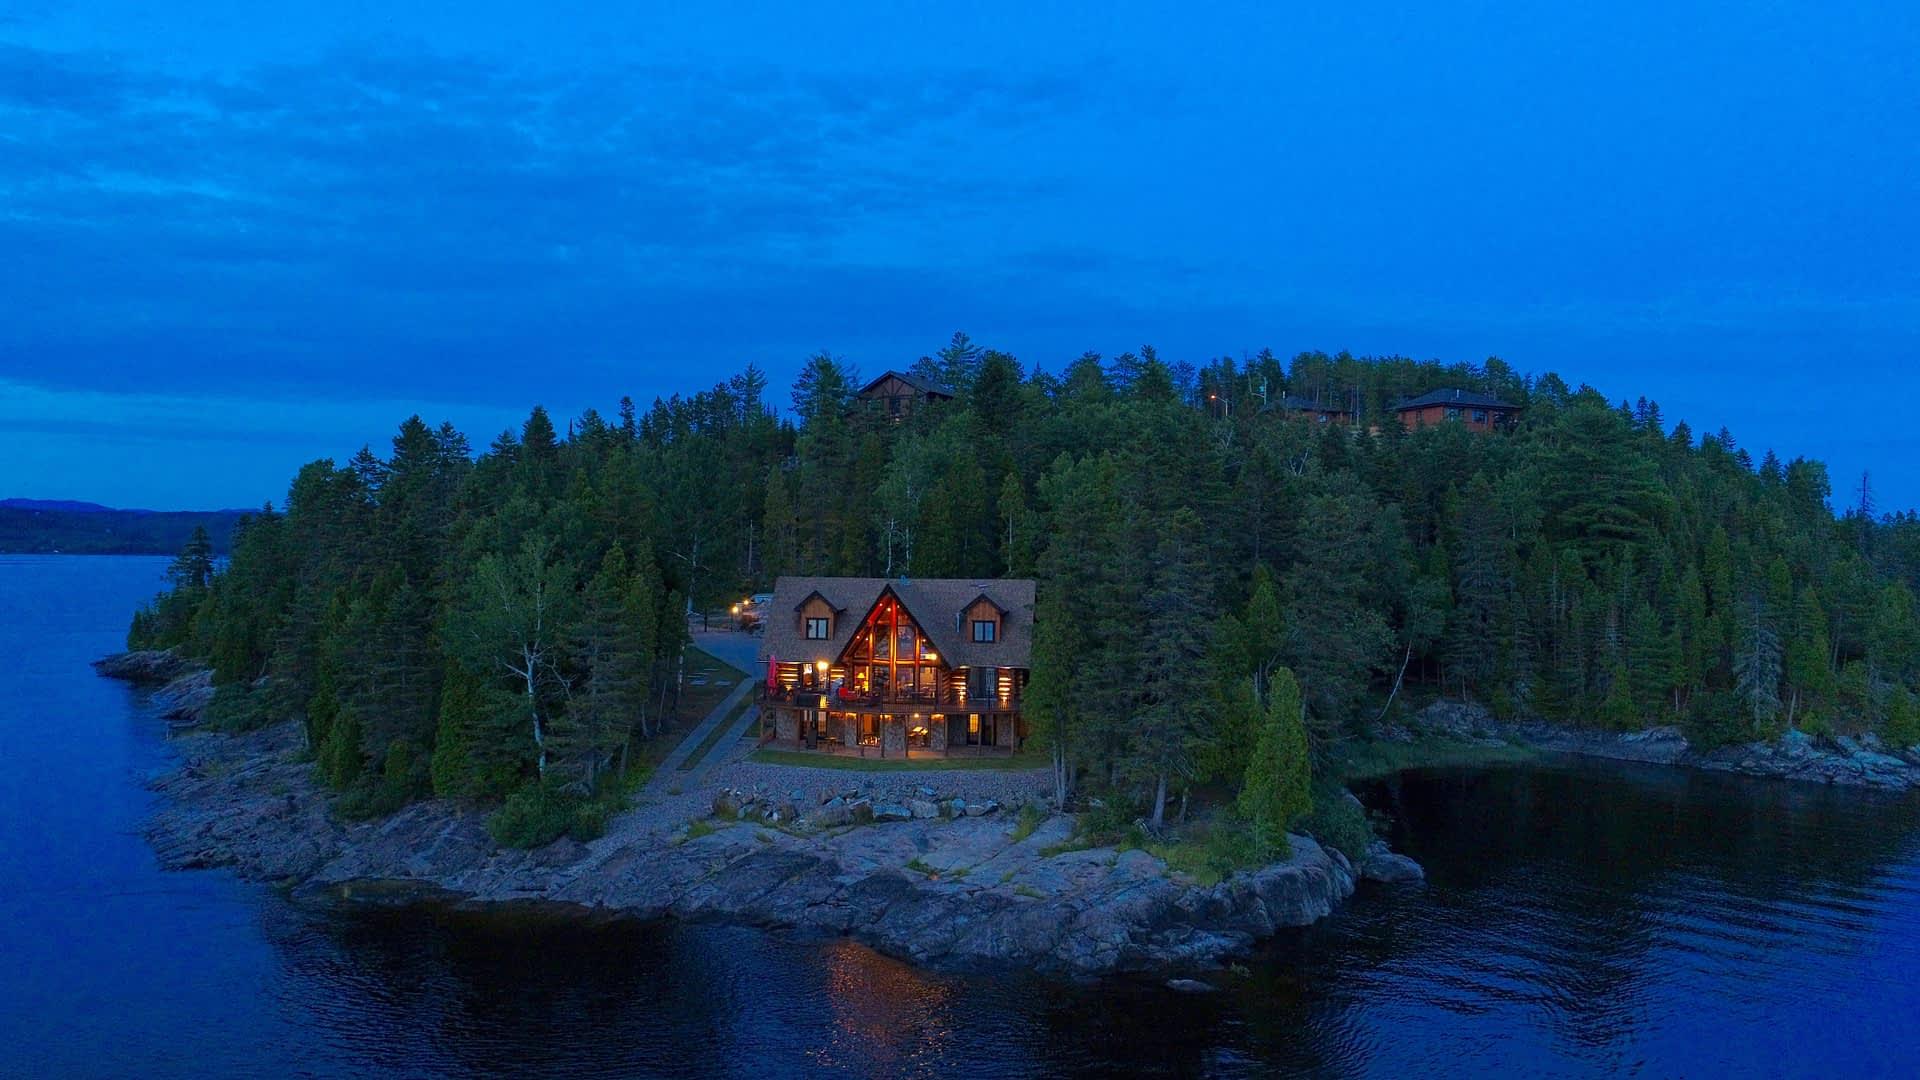 Maison scandinave en soiré (maison)